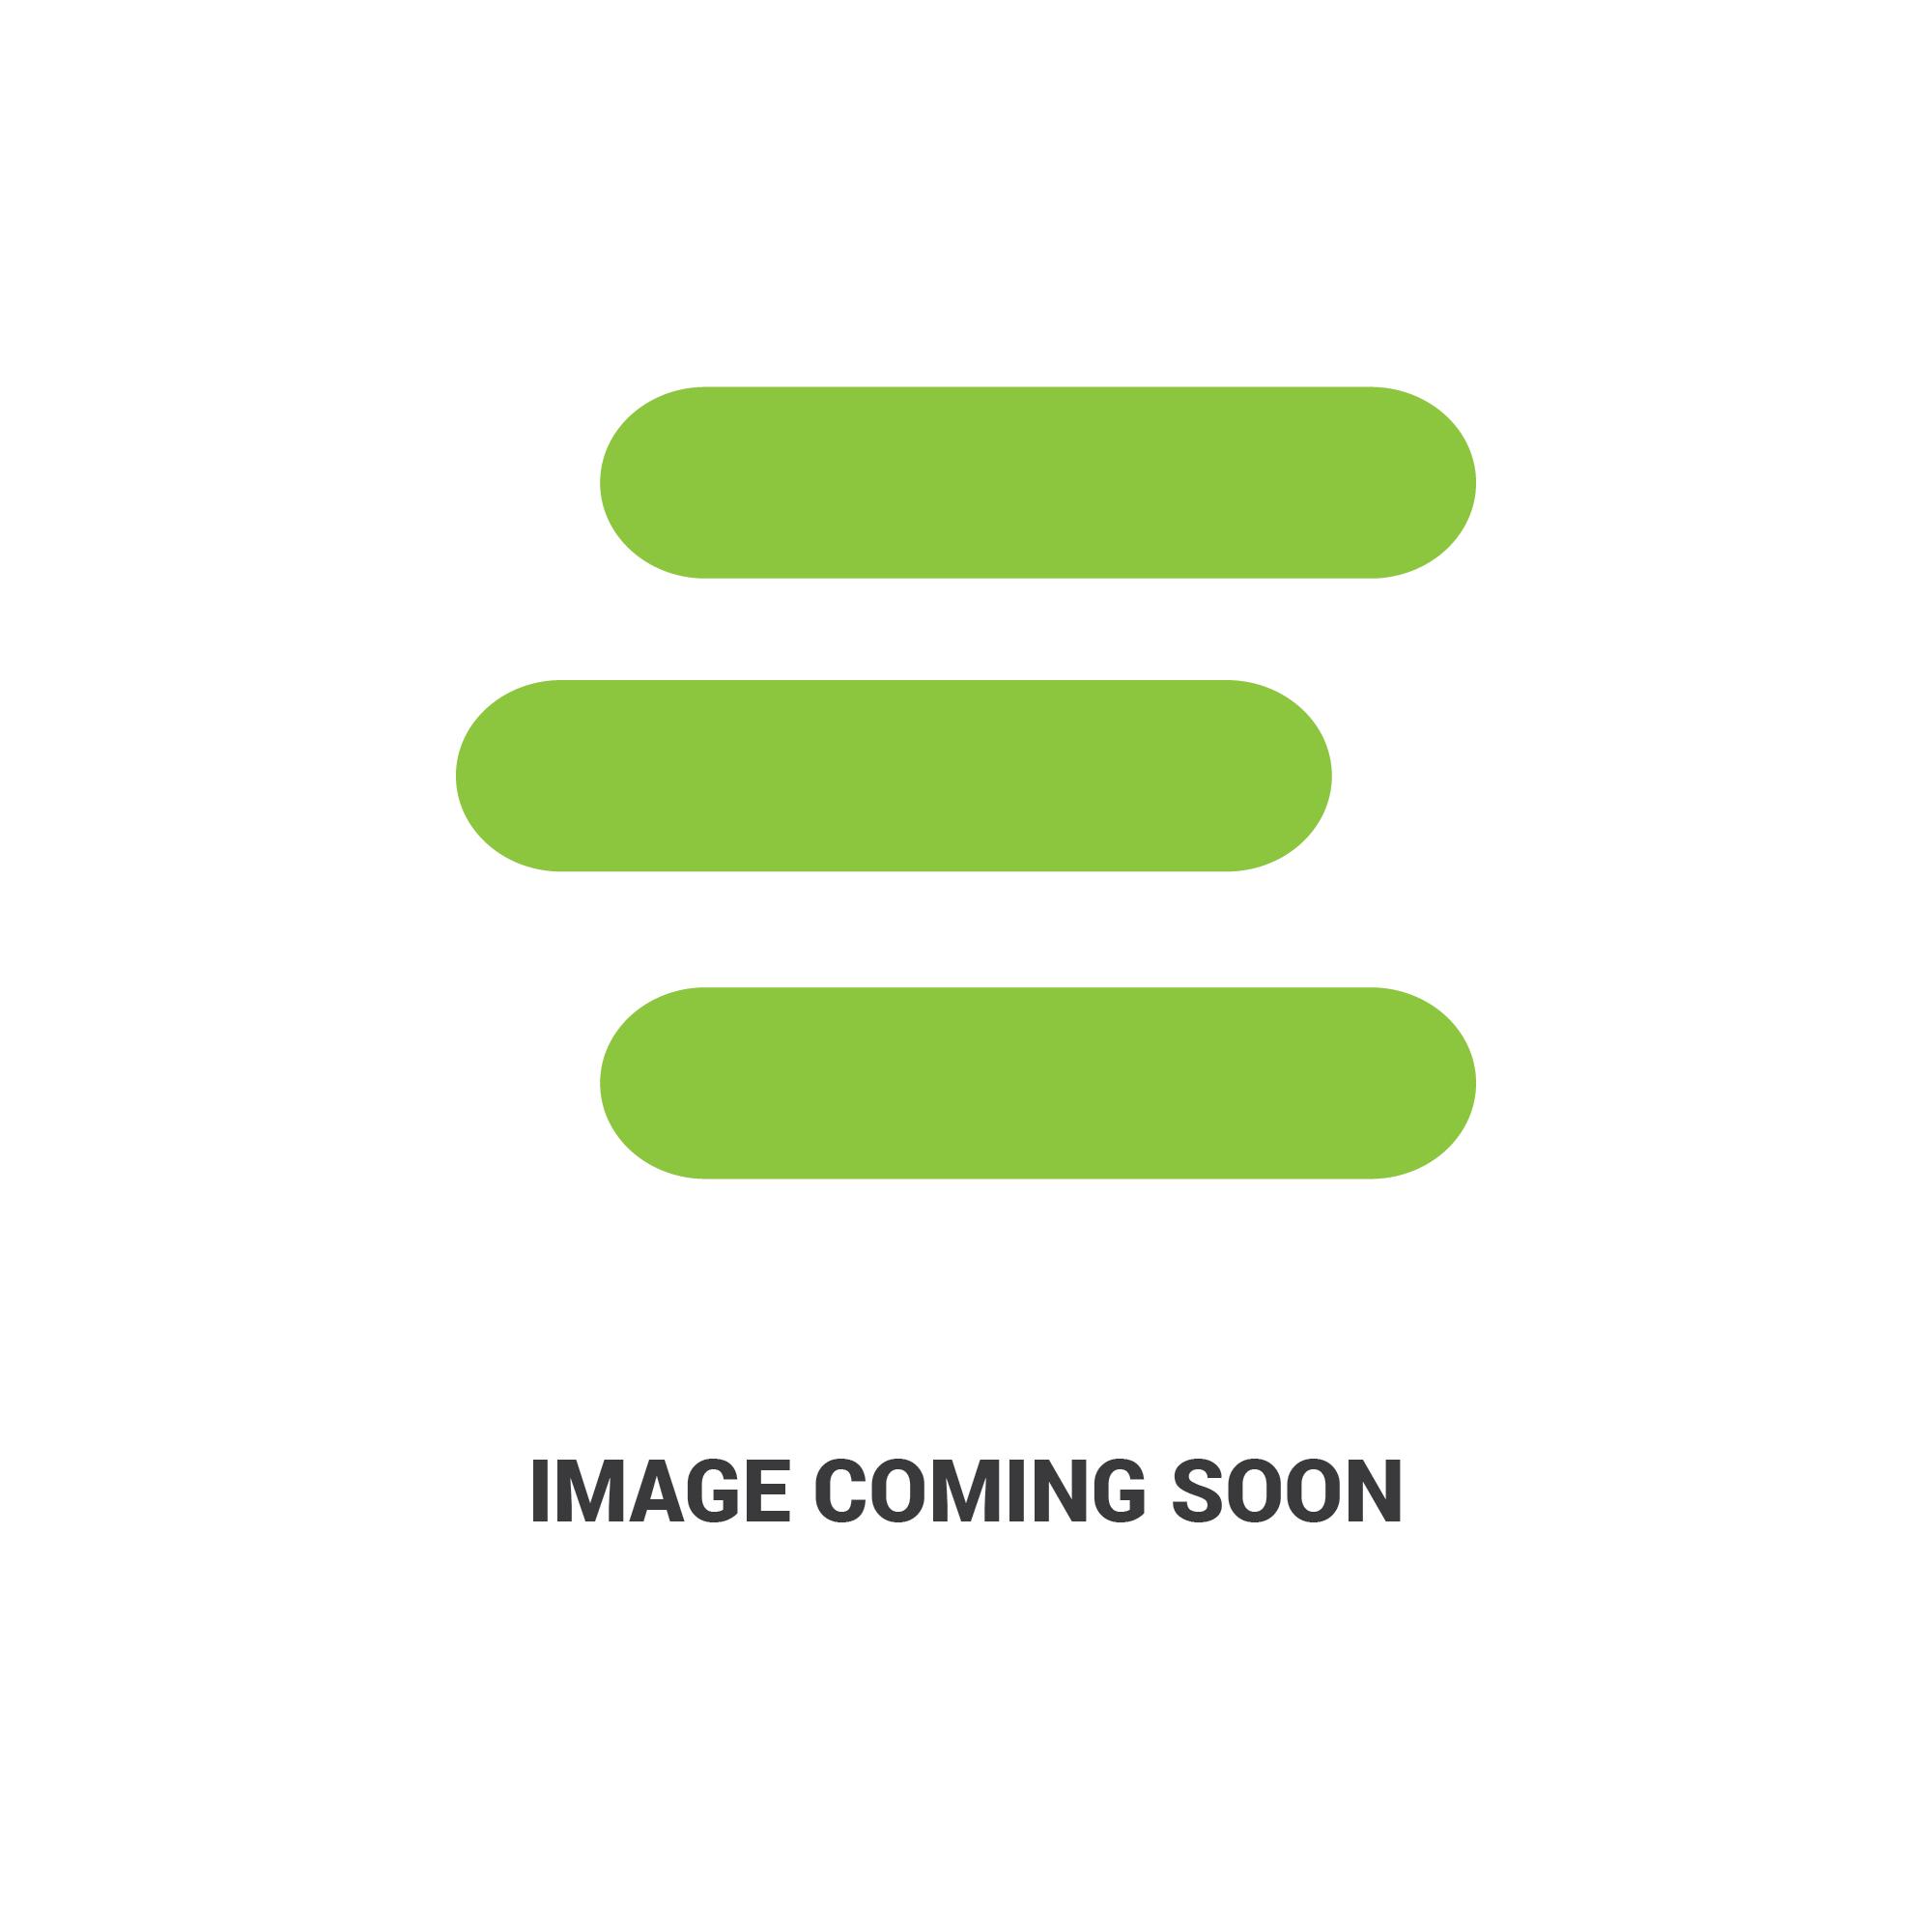 E-AL1743582068_1.jpg